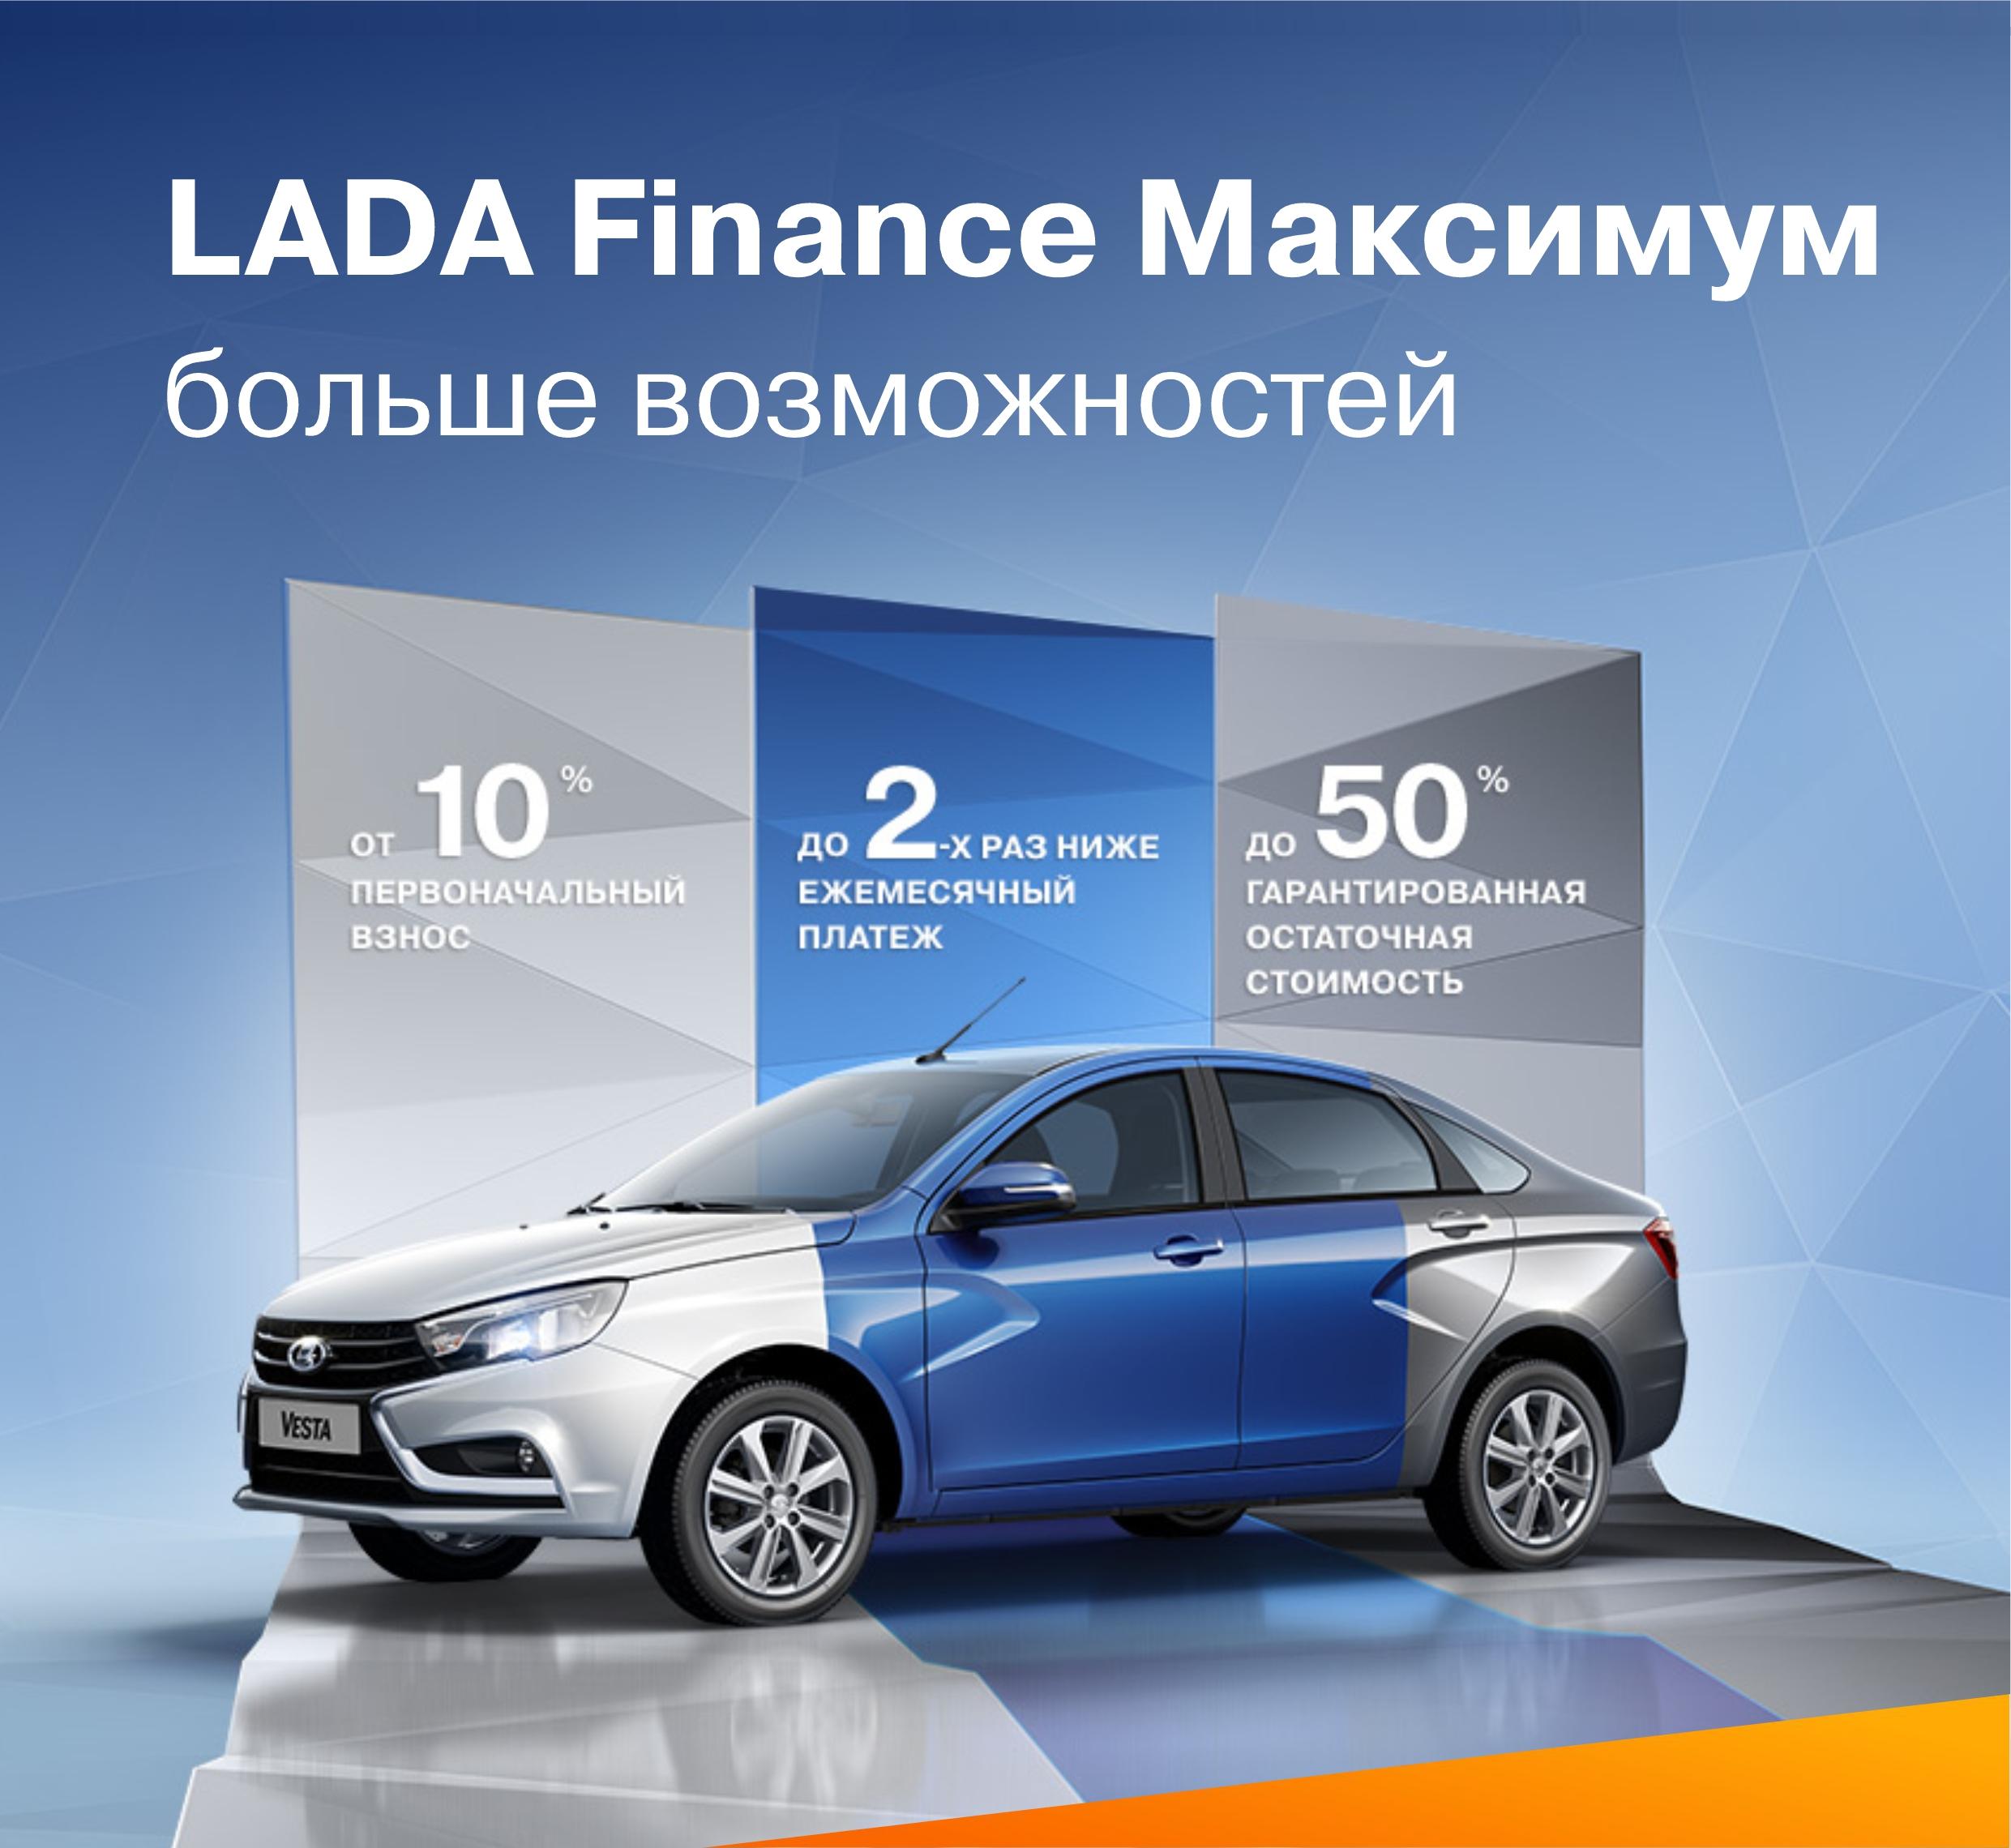 LADA Finance Максимум: кредит с остаточным платежом